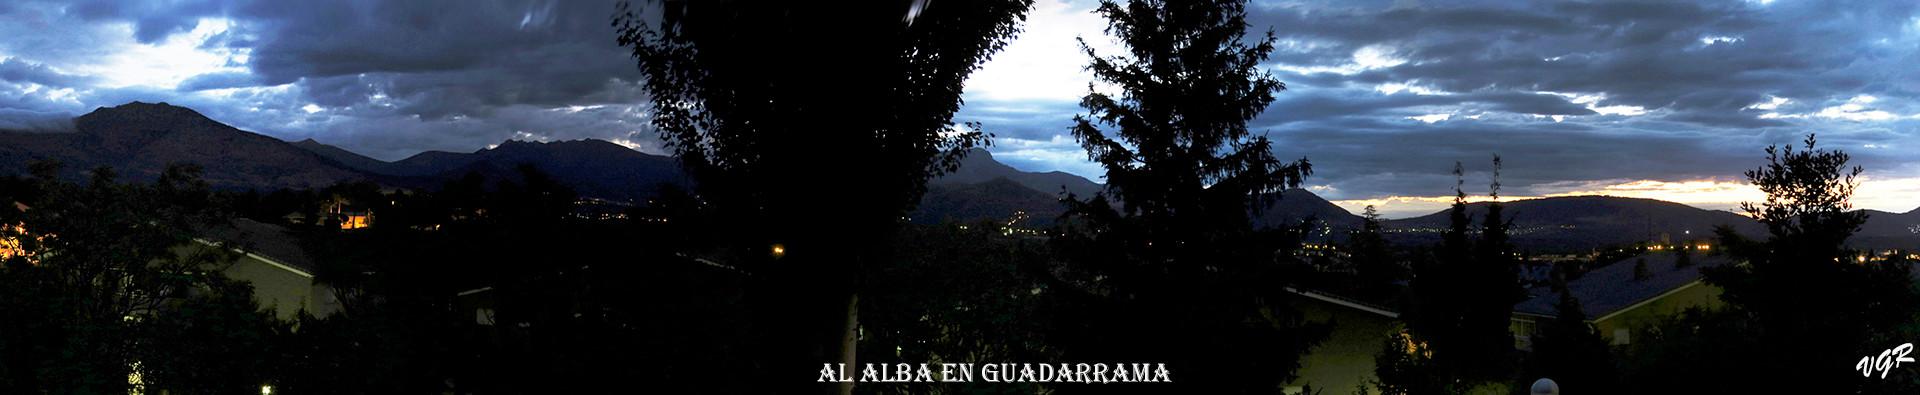 Amanecer-Guadarrama-17-8-15c-WEB.jpg